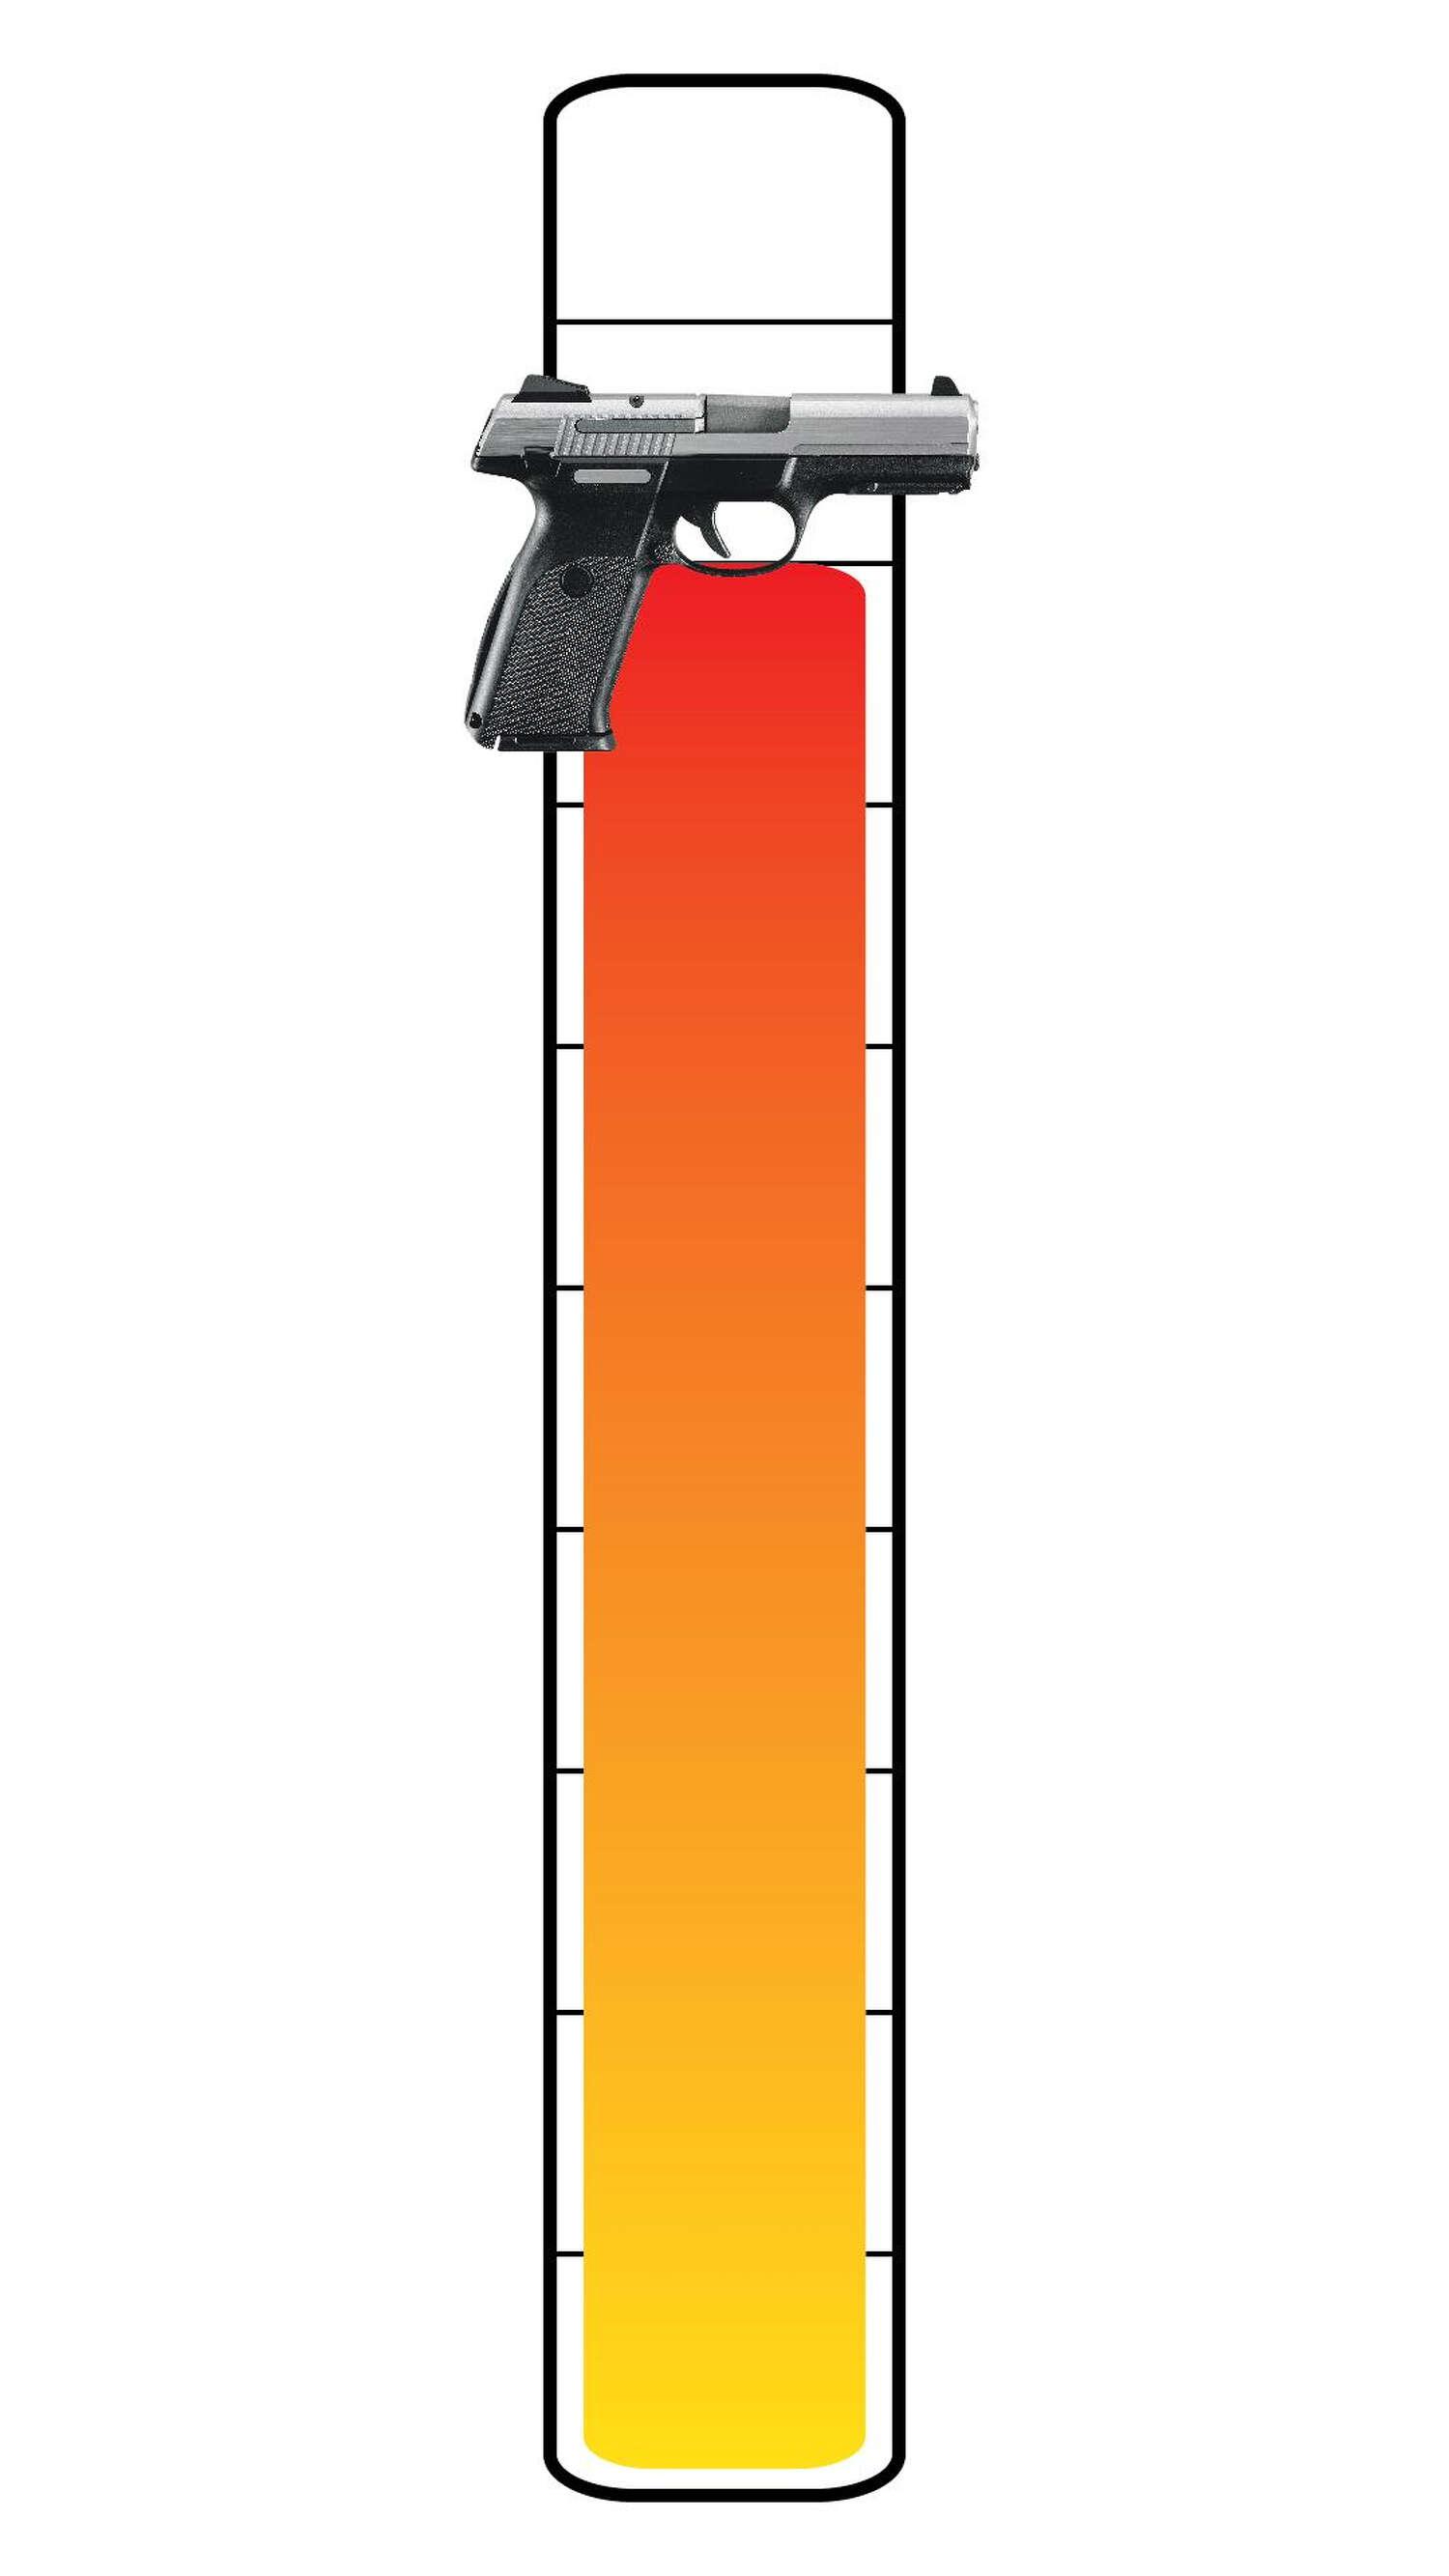 Meter: 8/10. Gun icon.